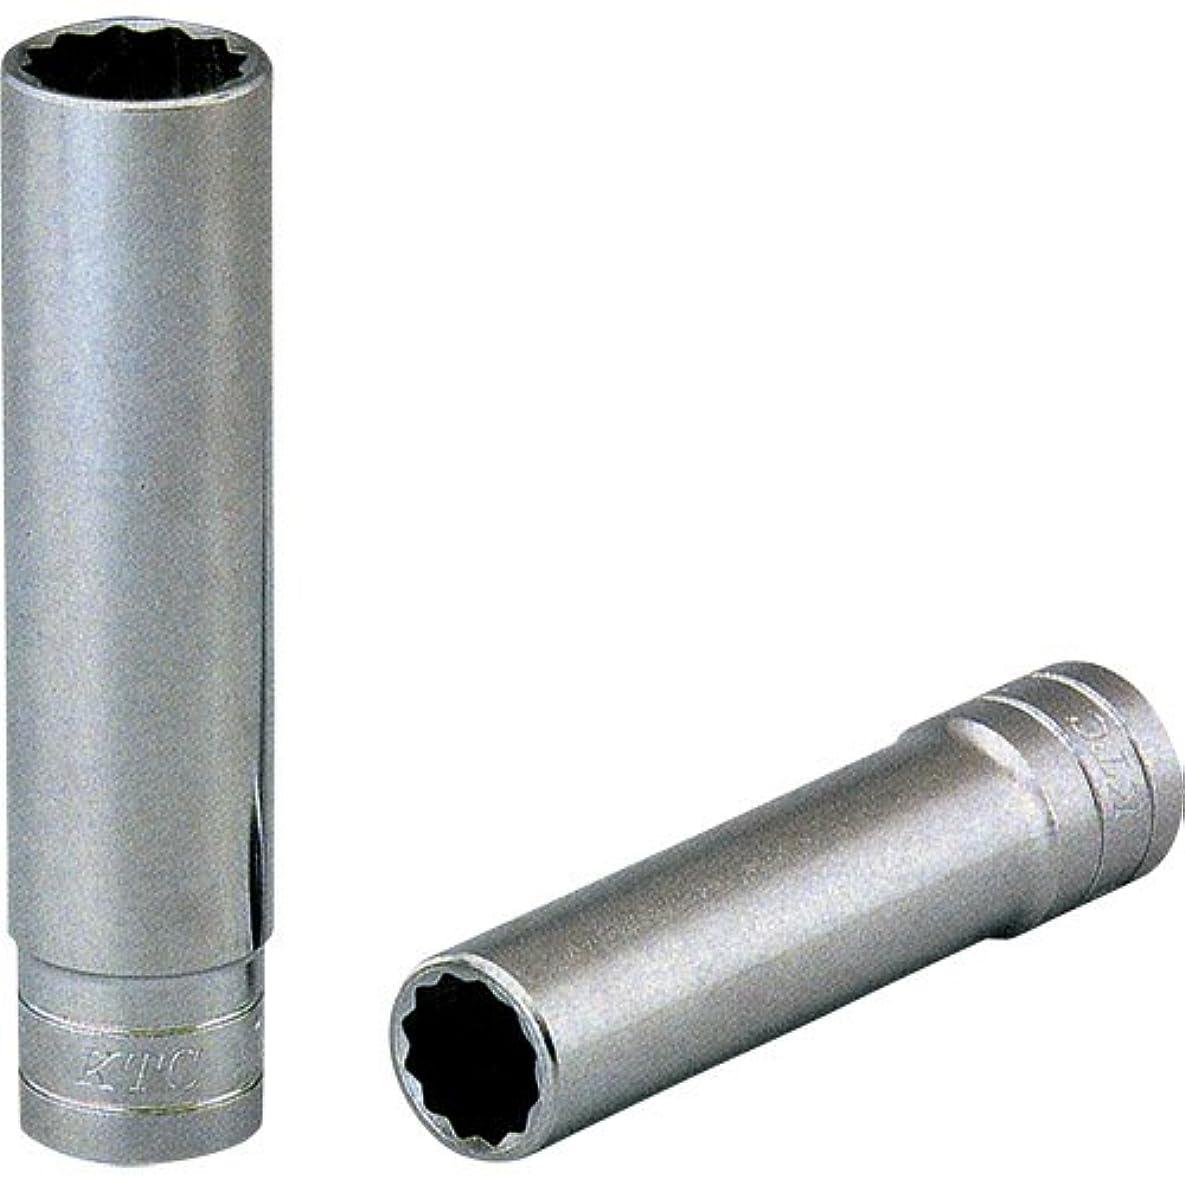 普及サンドイッチ委任するKTC(ケーテーシー) 12.7mm (1/2インチ) ディープソケット (十二角) 30mm B4L30W